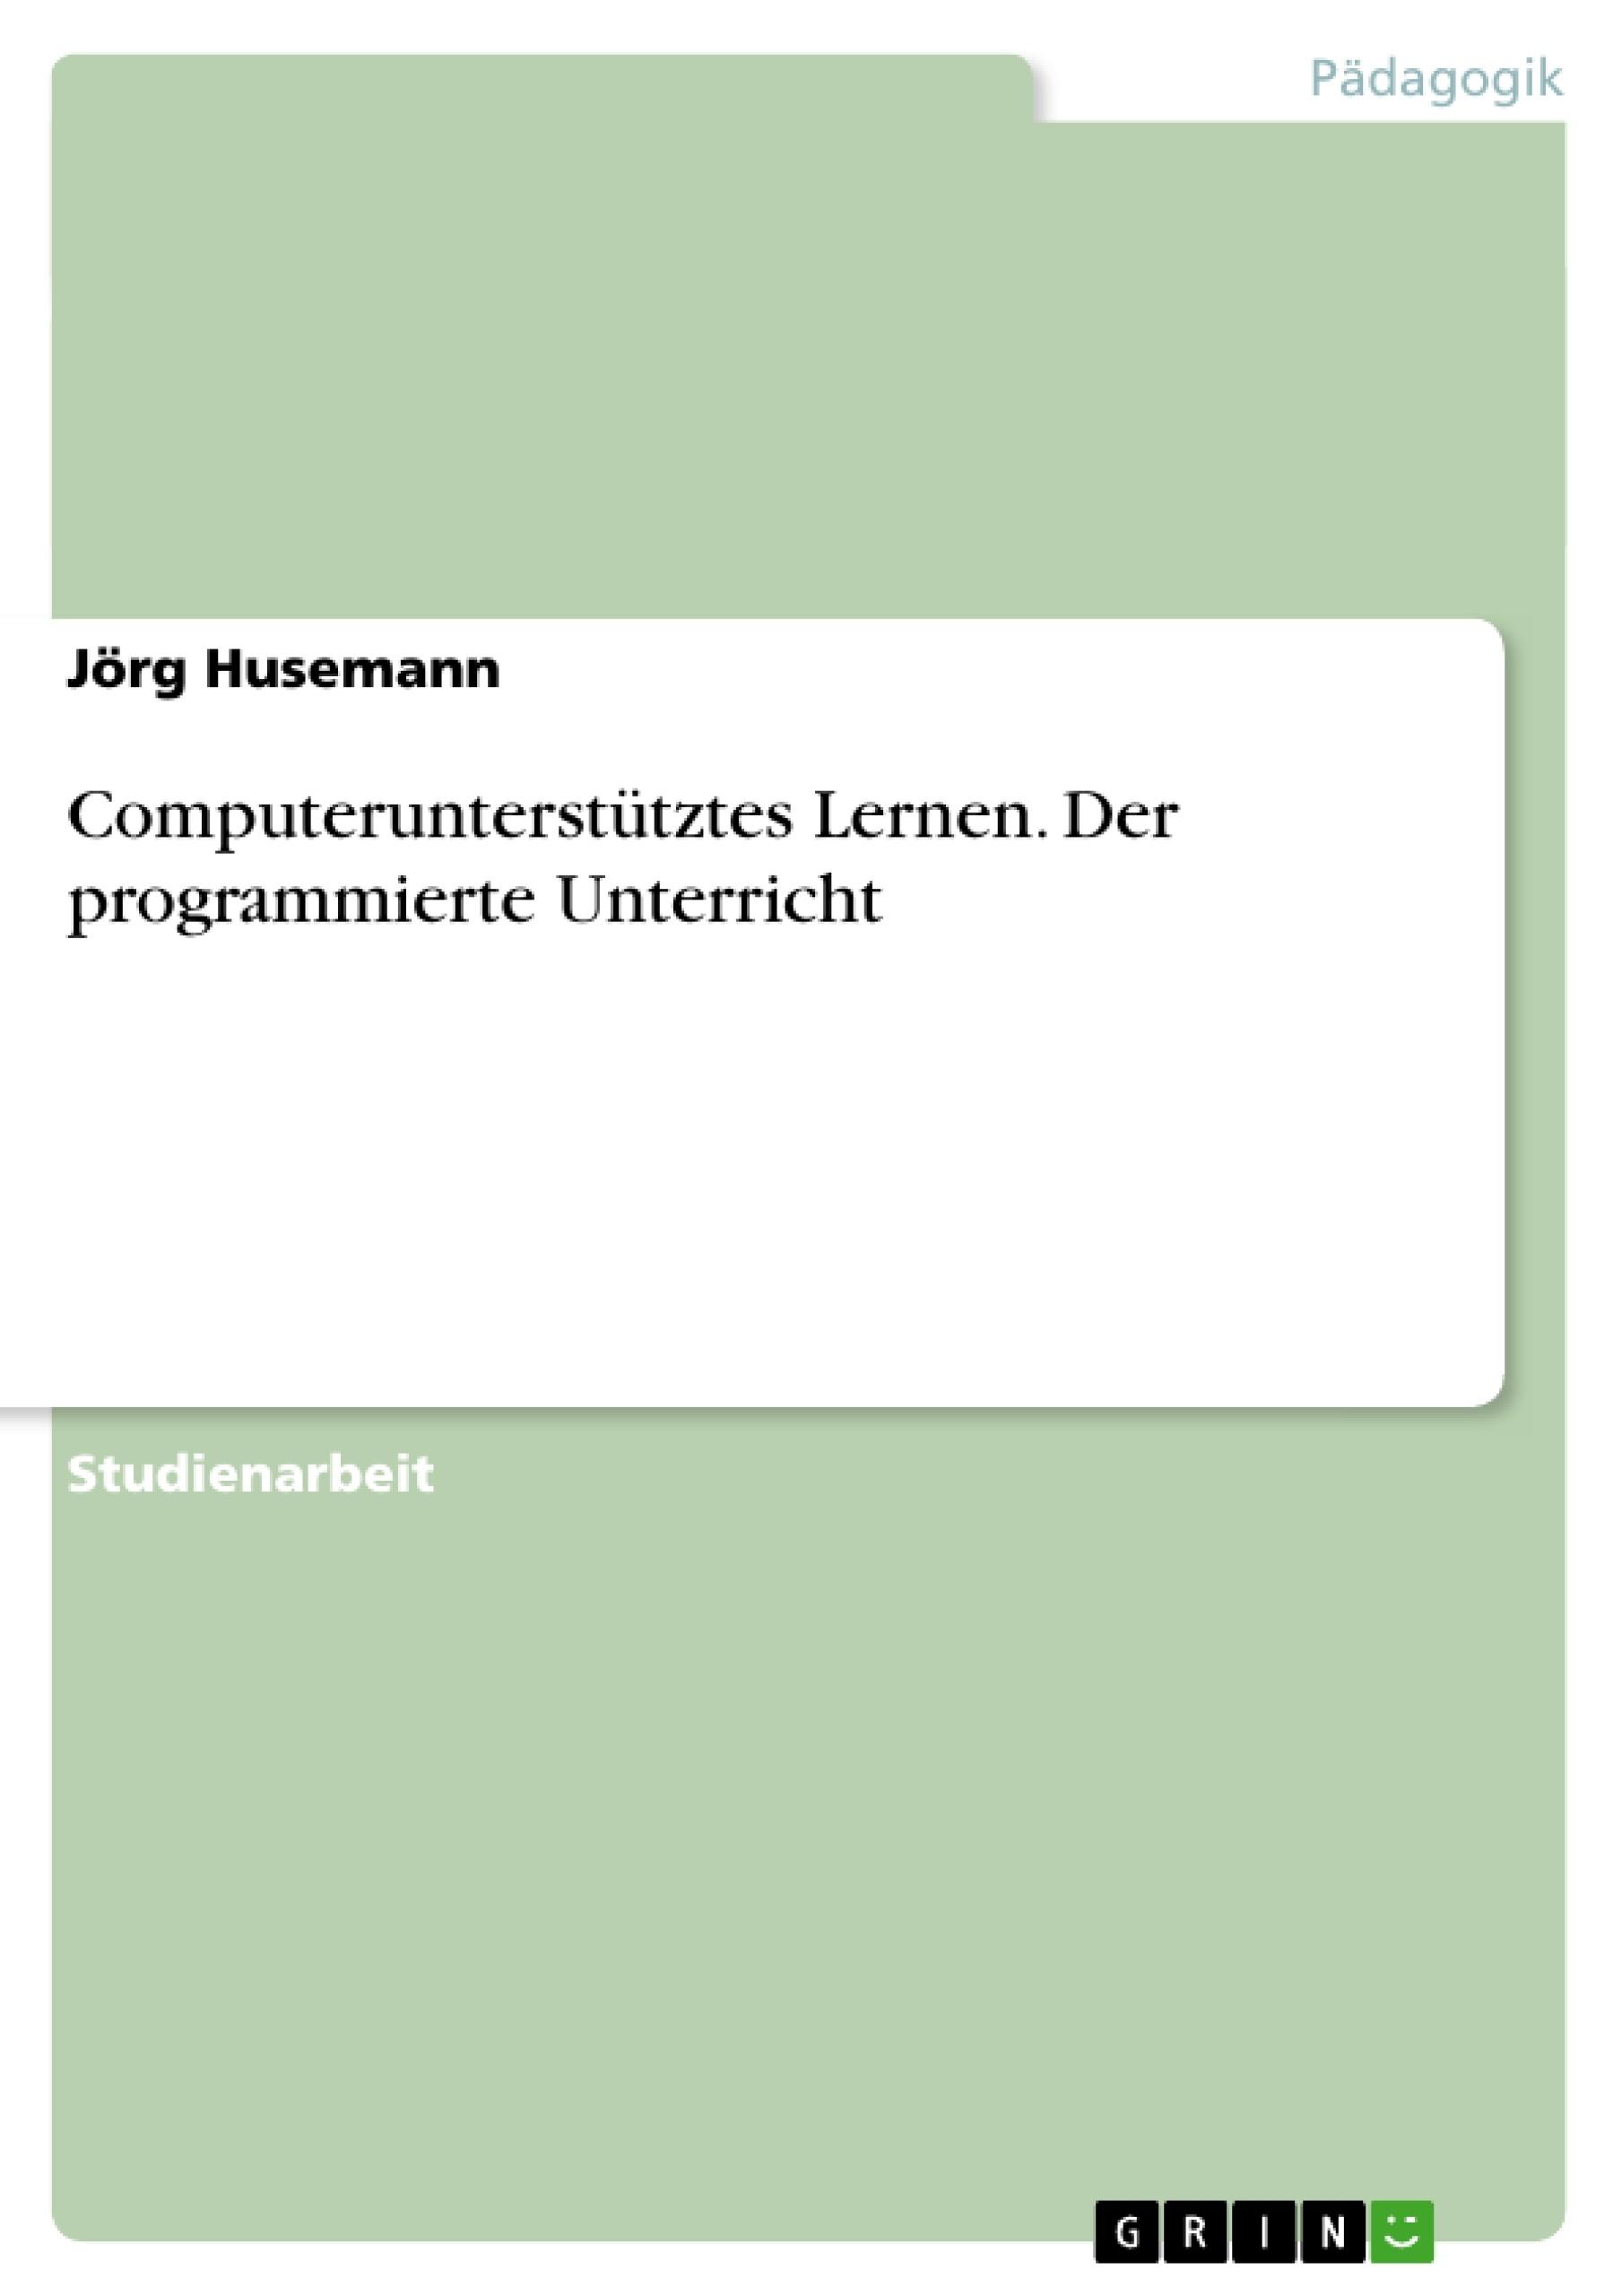 Titel: Computerunterstütztes Lernen. Der programmierte Unterricht